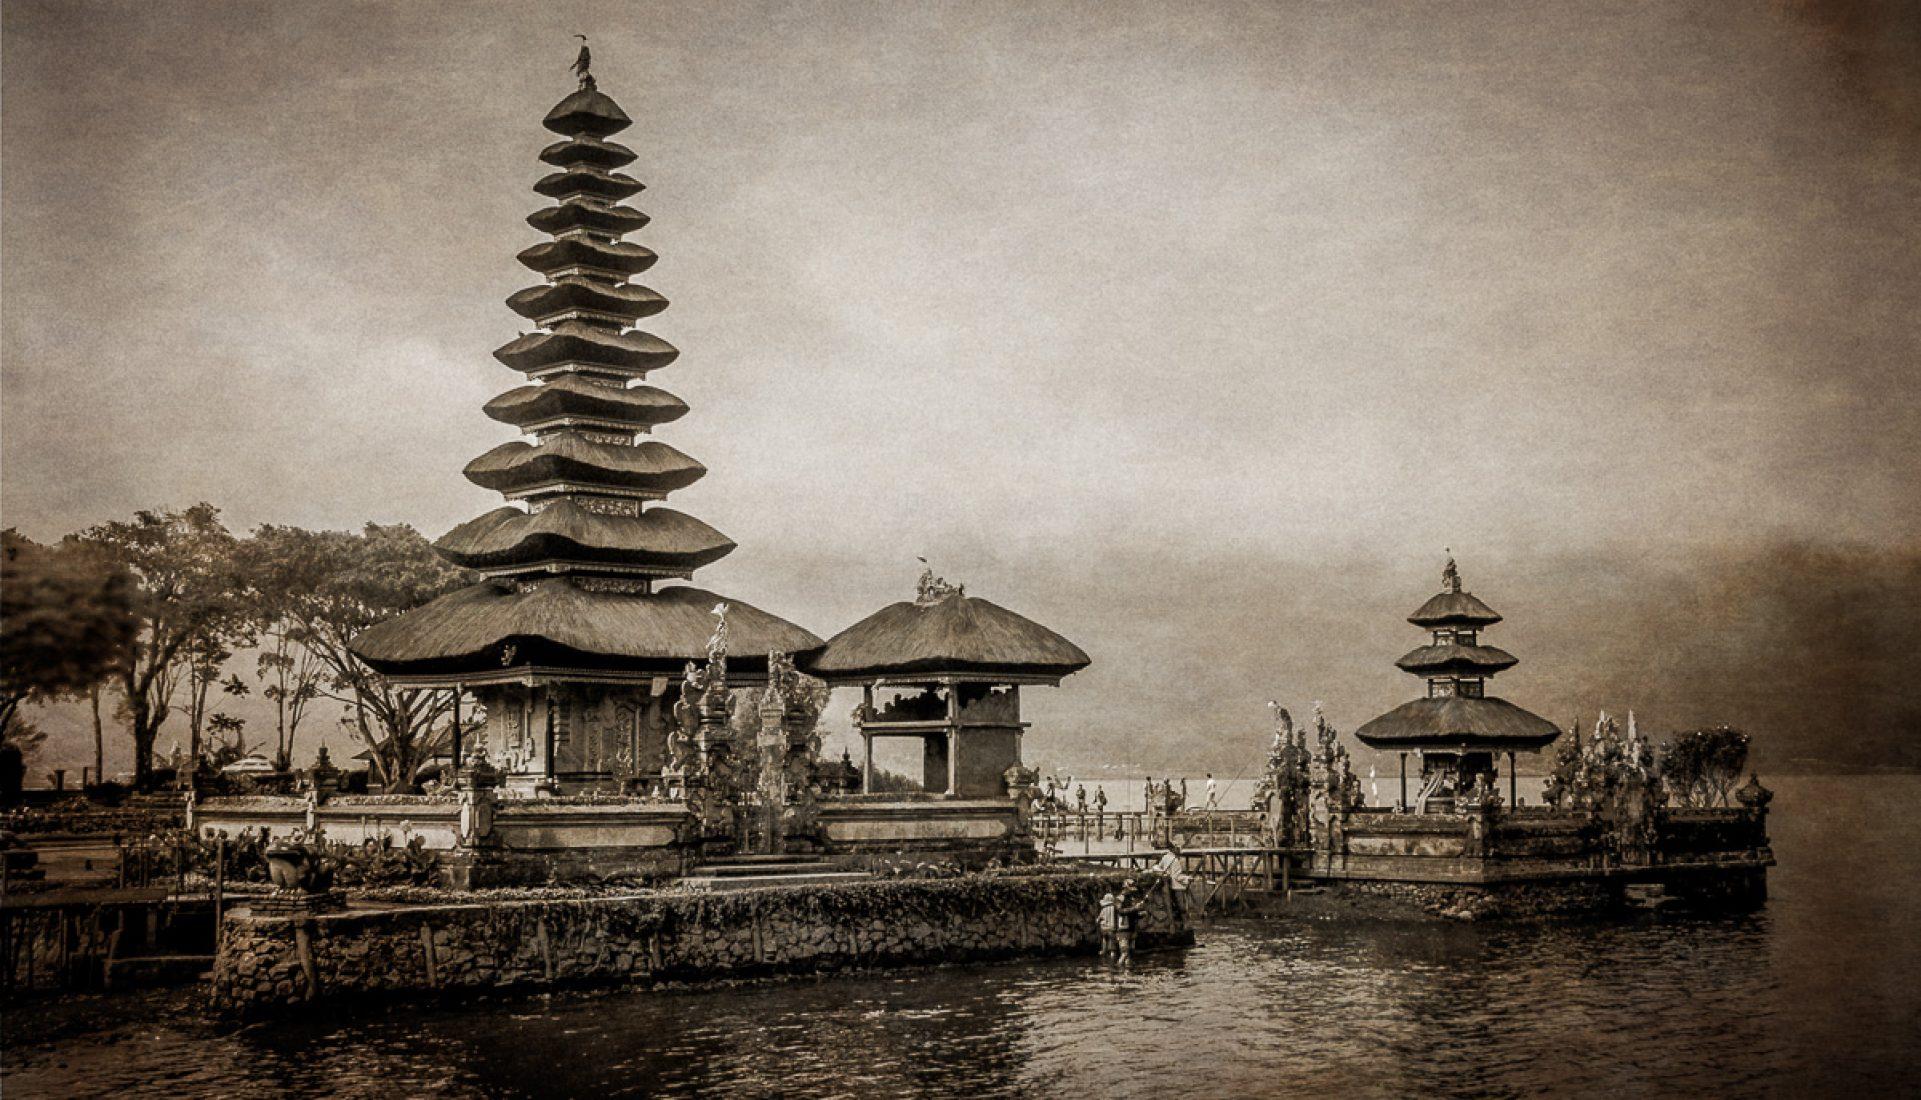 Ethereal Bali